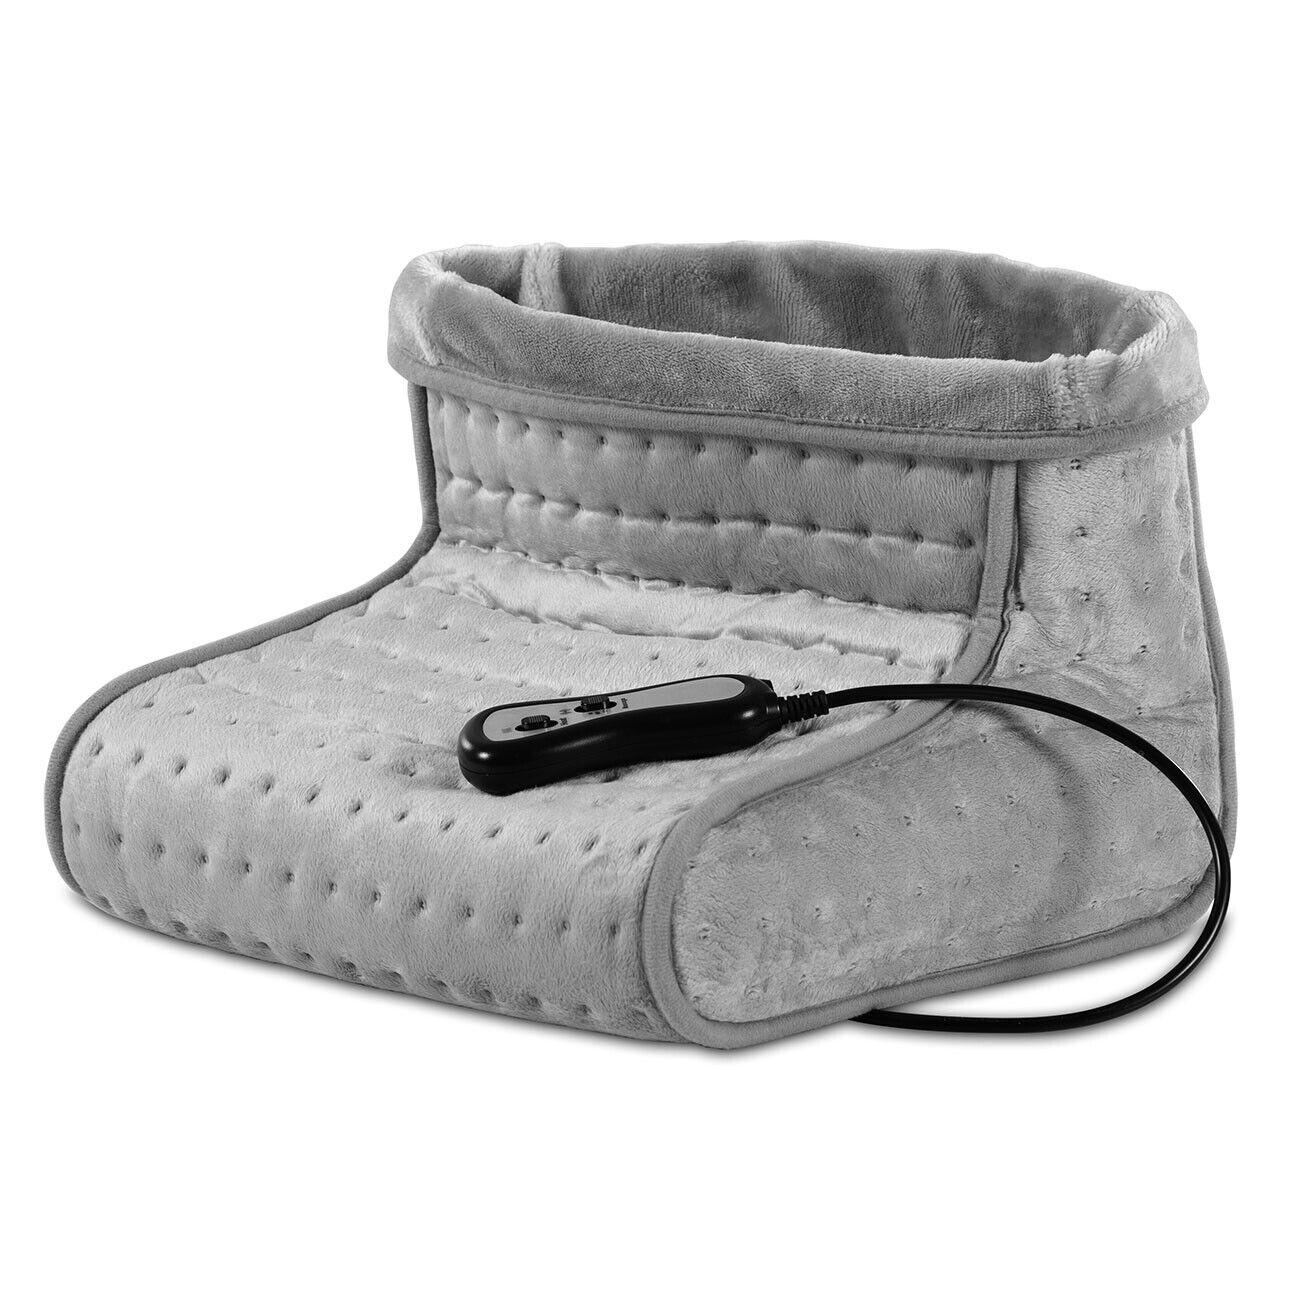 Fußwärmer mit Massage,elektrisches Fußmassagegerät mit Wärmefunktion, waschbar